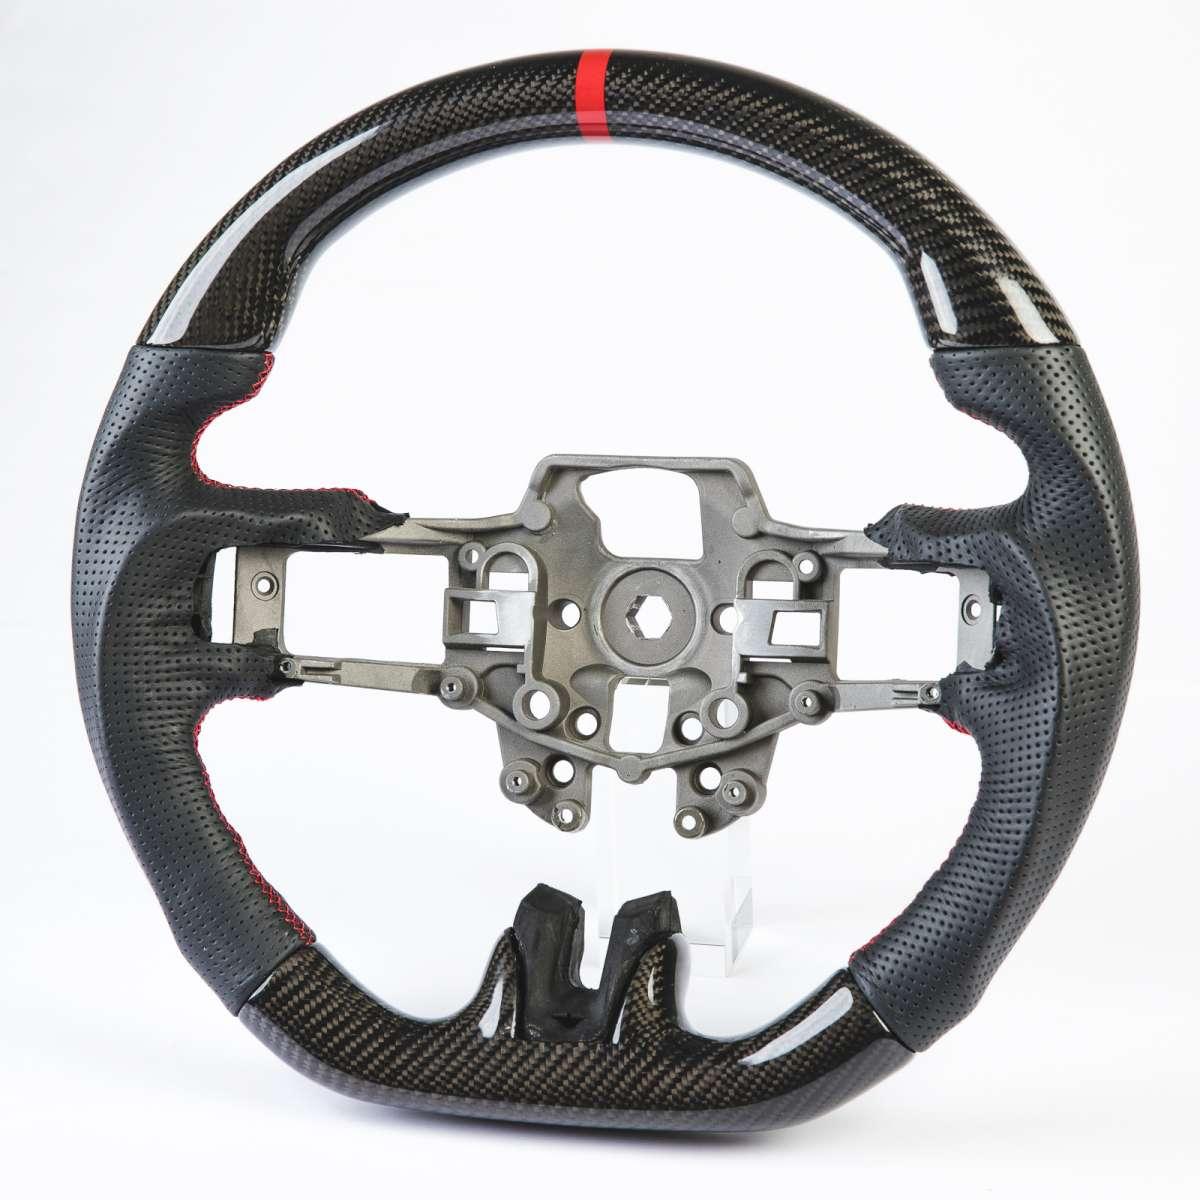 フォード マスタング エコブースト 5.0GT 前期用 ステアリング ハンドル 赤い輪デザイン リアルカーボン+本革レザー パッチング【___OCS】